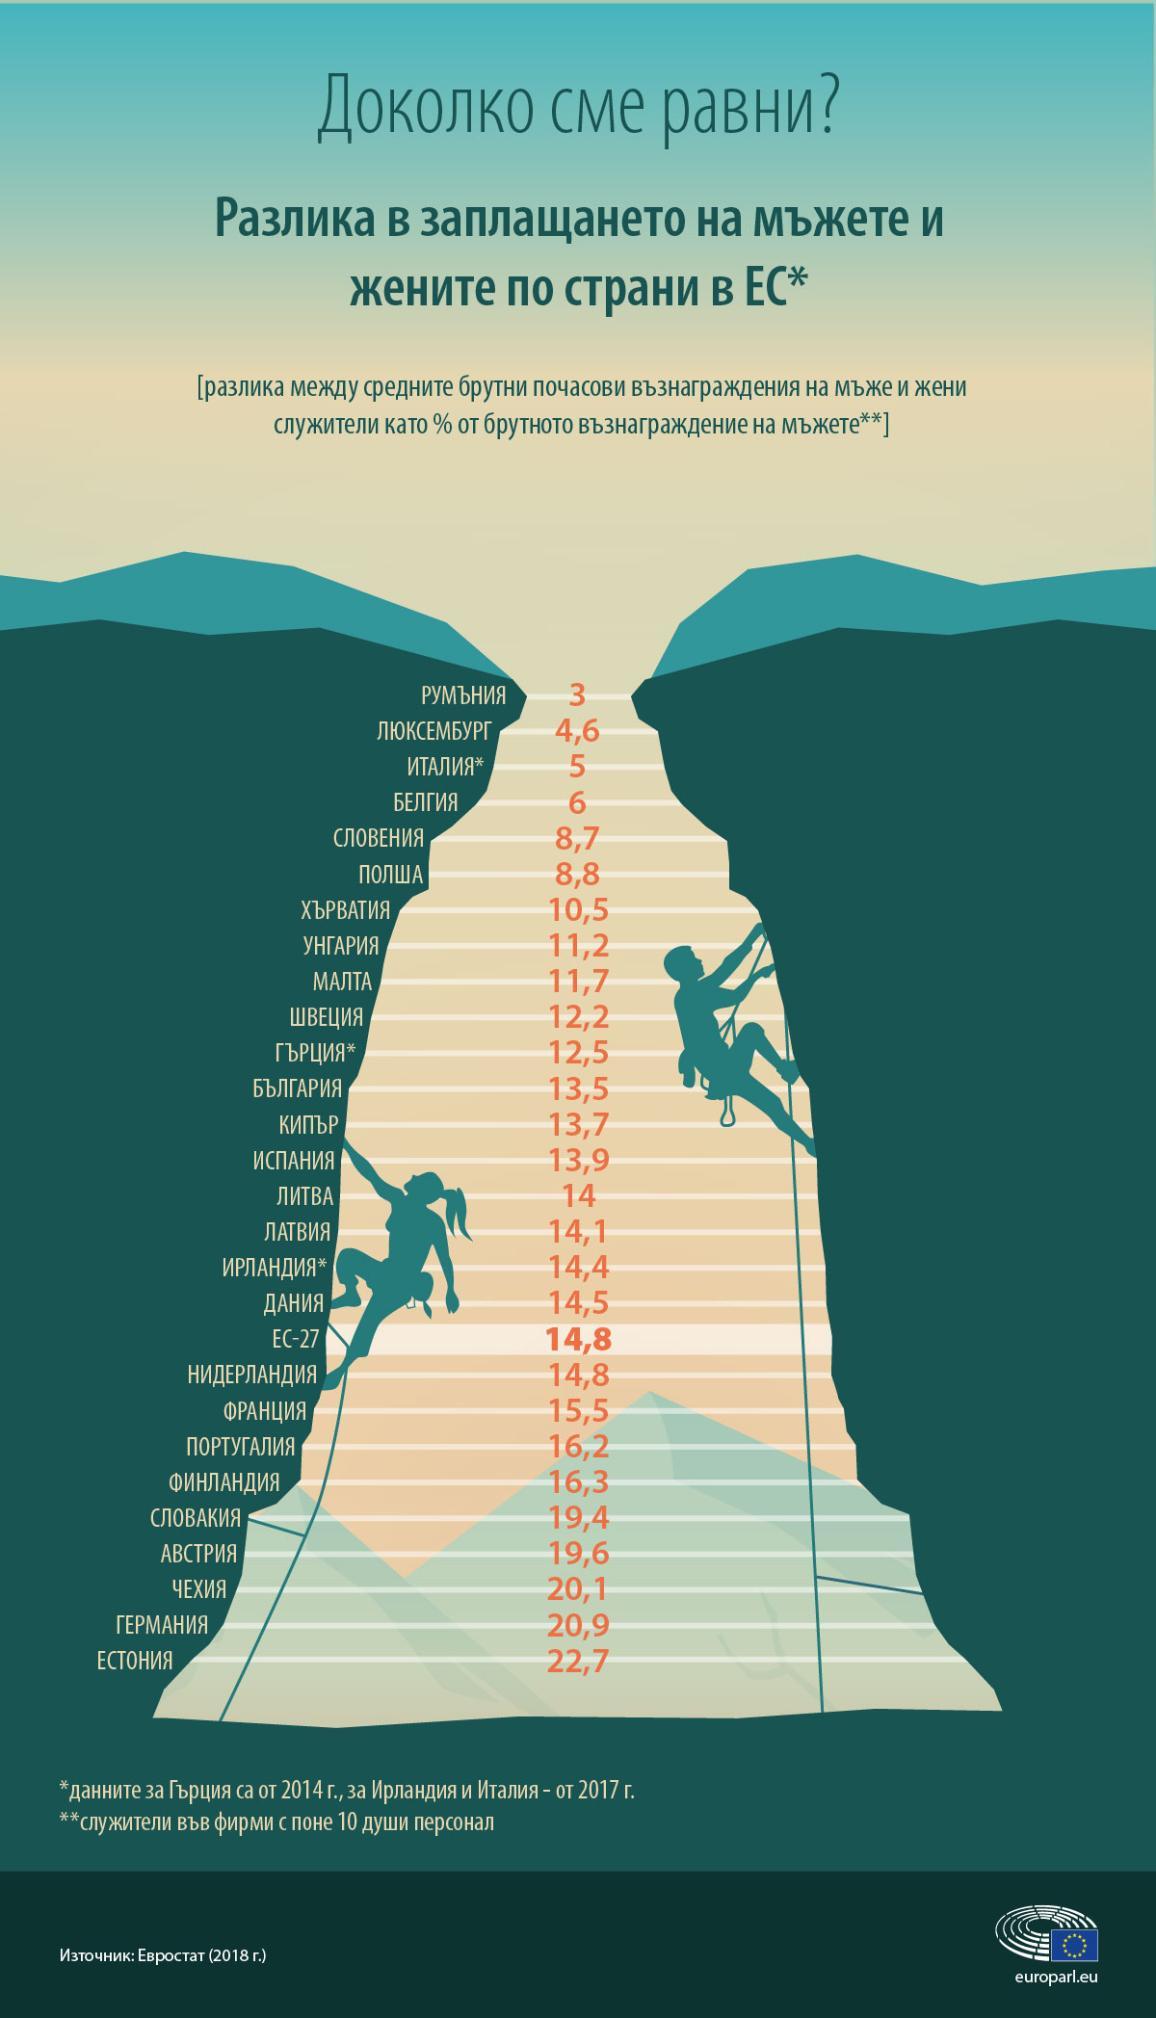 Инфографика за разликата в заплащането на мъжете и жените по страни в ЕС